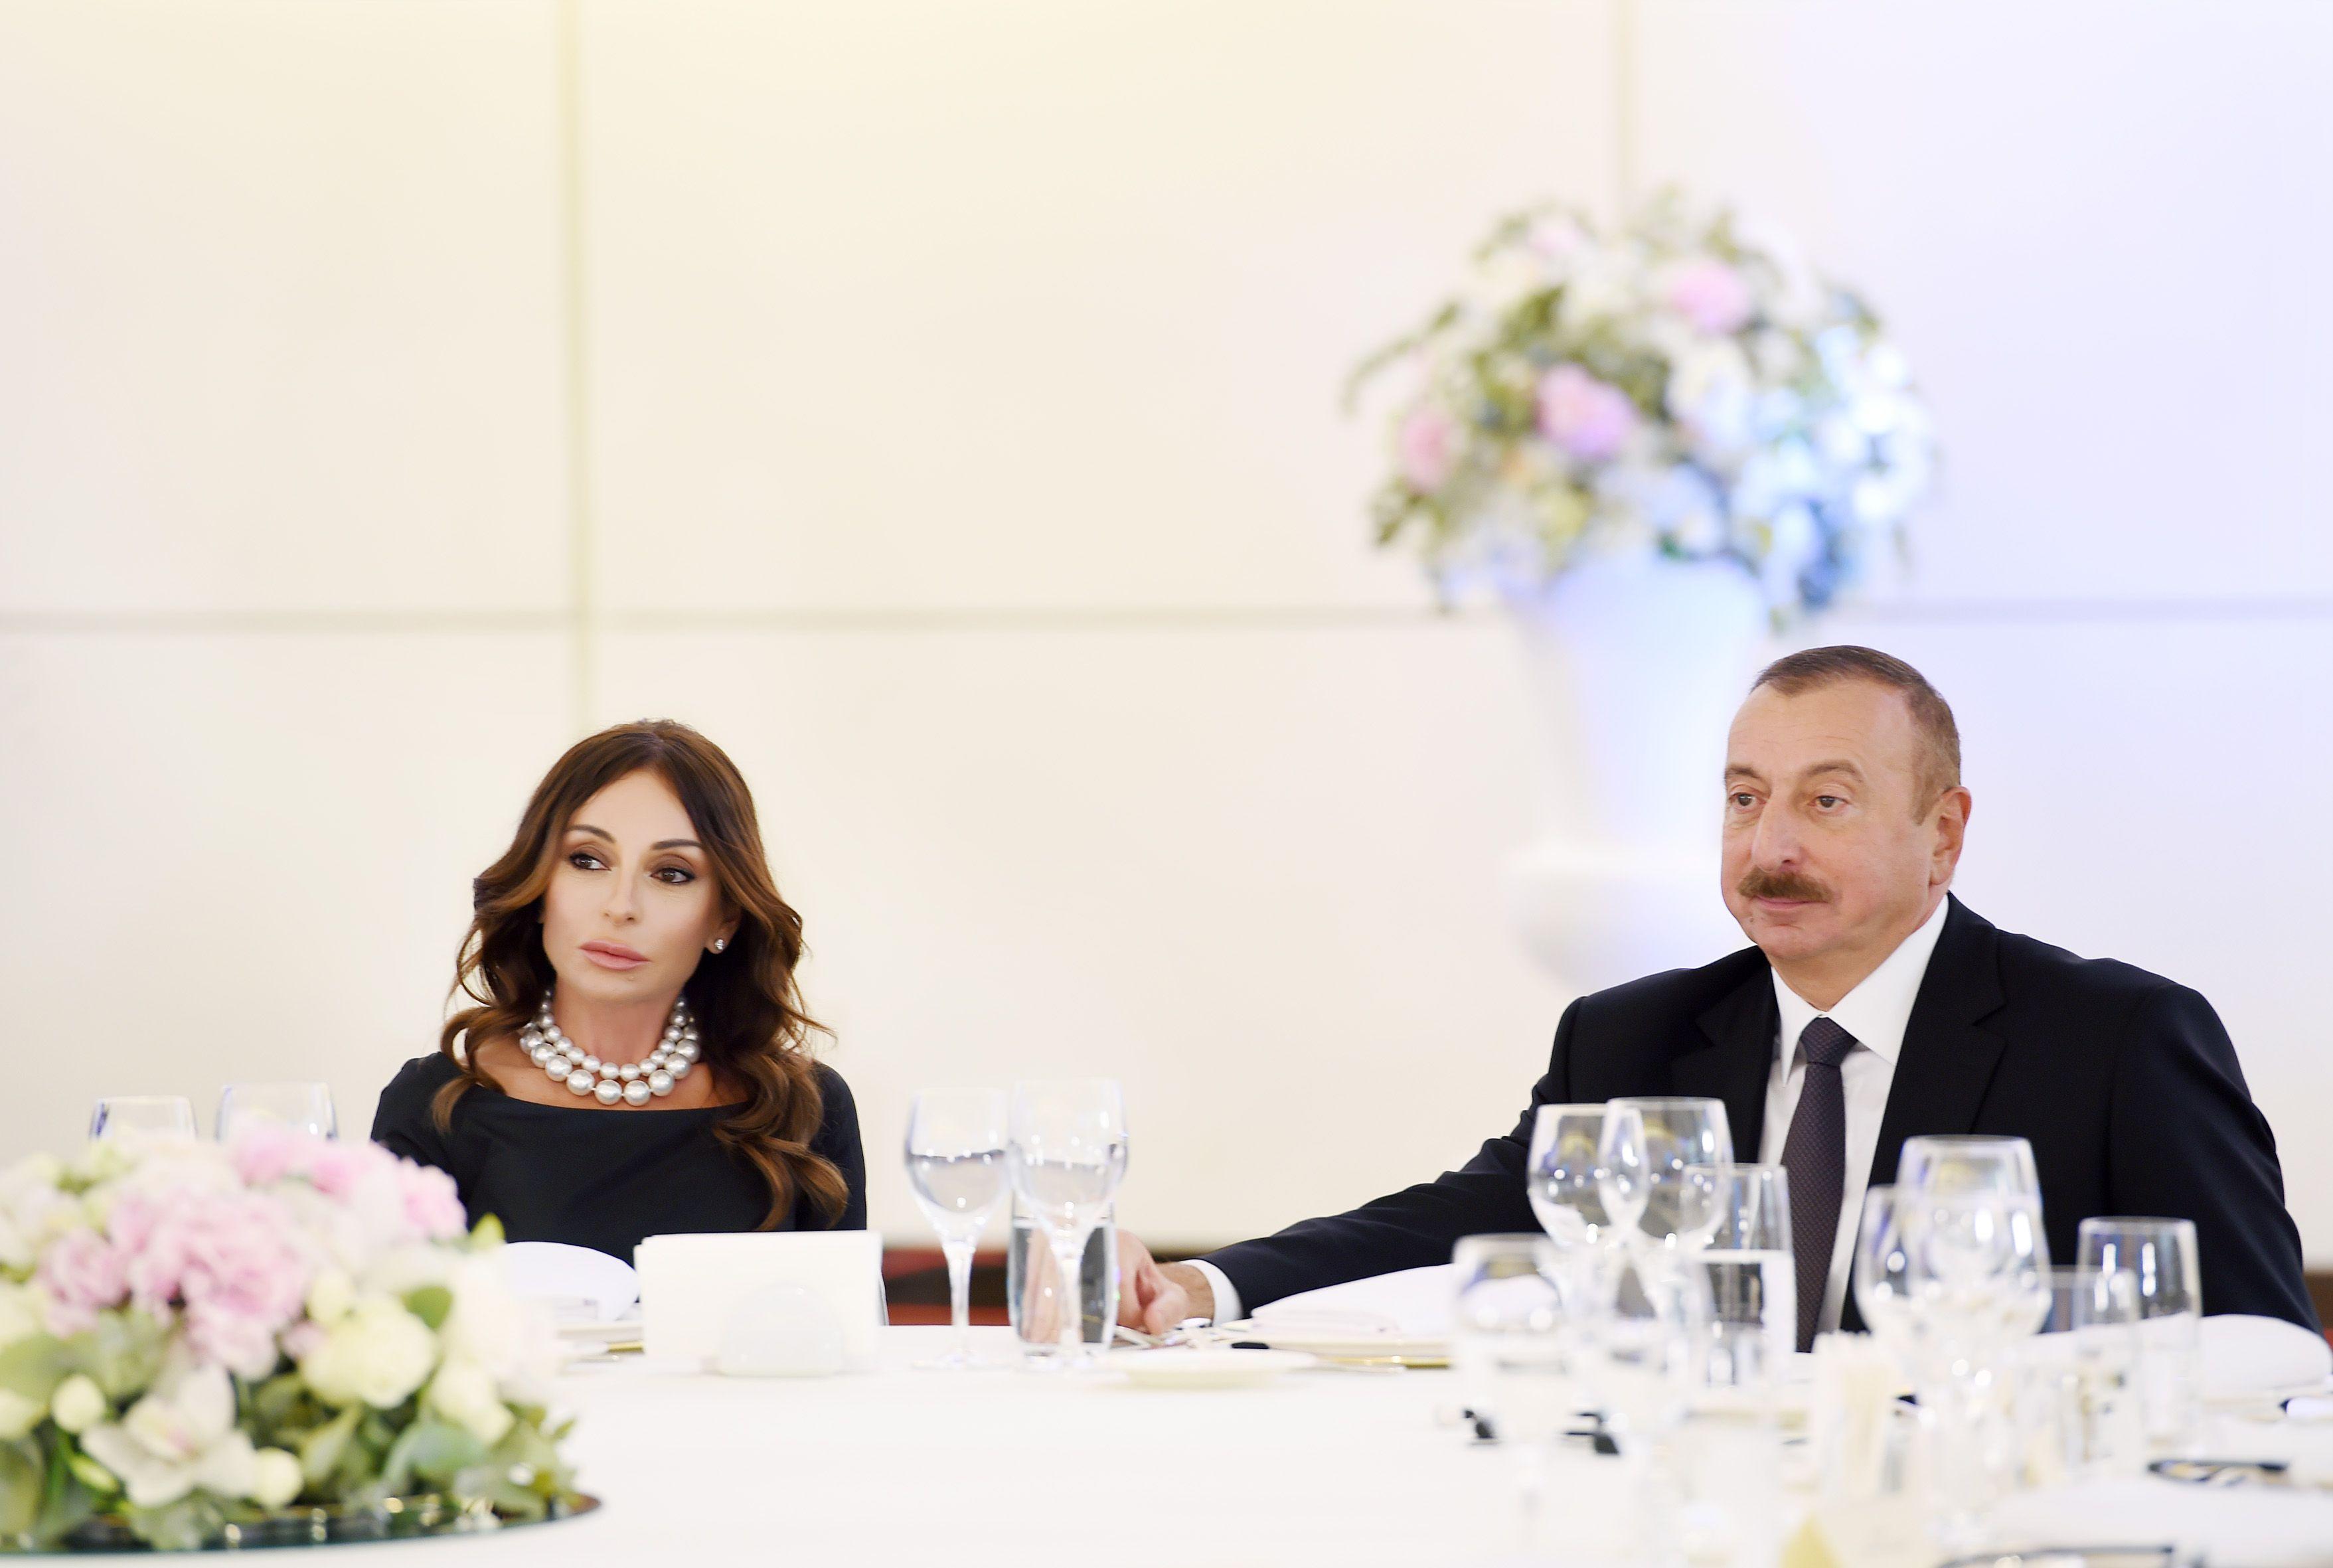 Azərbaycan Respublikasinin Prezidenti Ilham əliyev Və Birinci Vitse Prezident Mehriban əliyeva Teymur Rəcəbovu Airthings Maste In 2021 Dresses Wedding Dresses Fashion